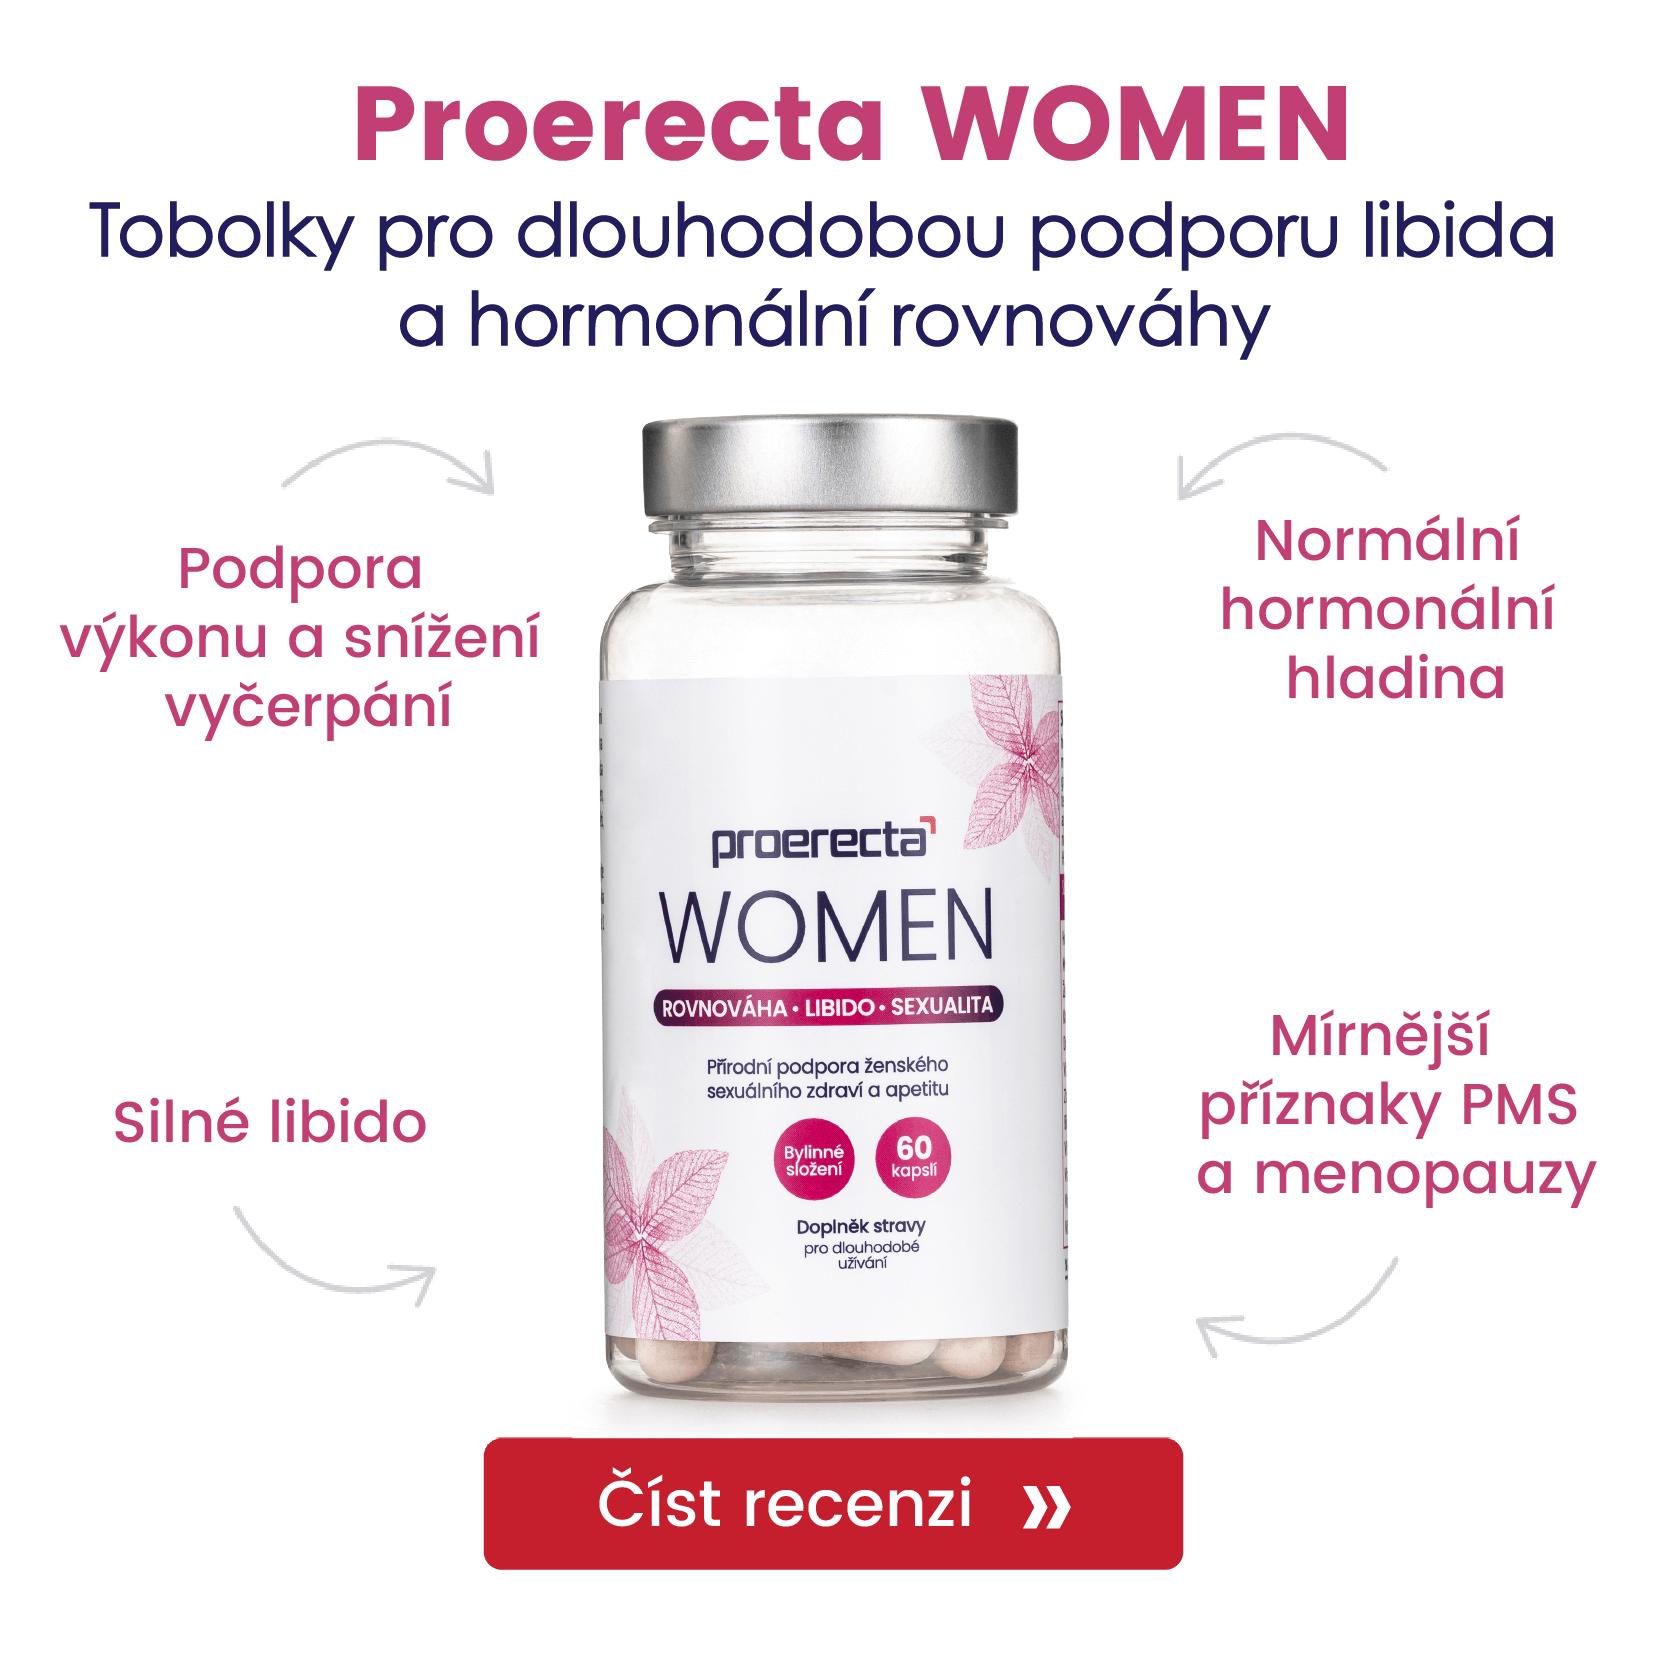 Proerecta WOMEN recenze